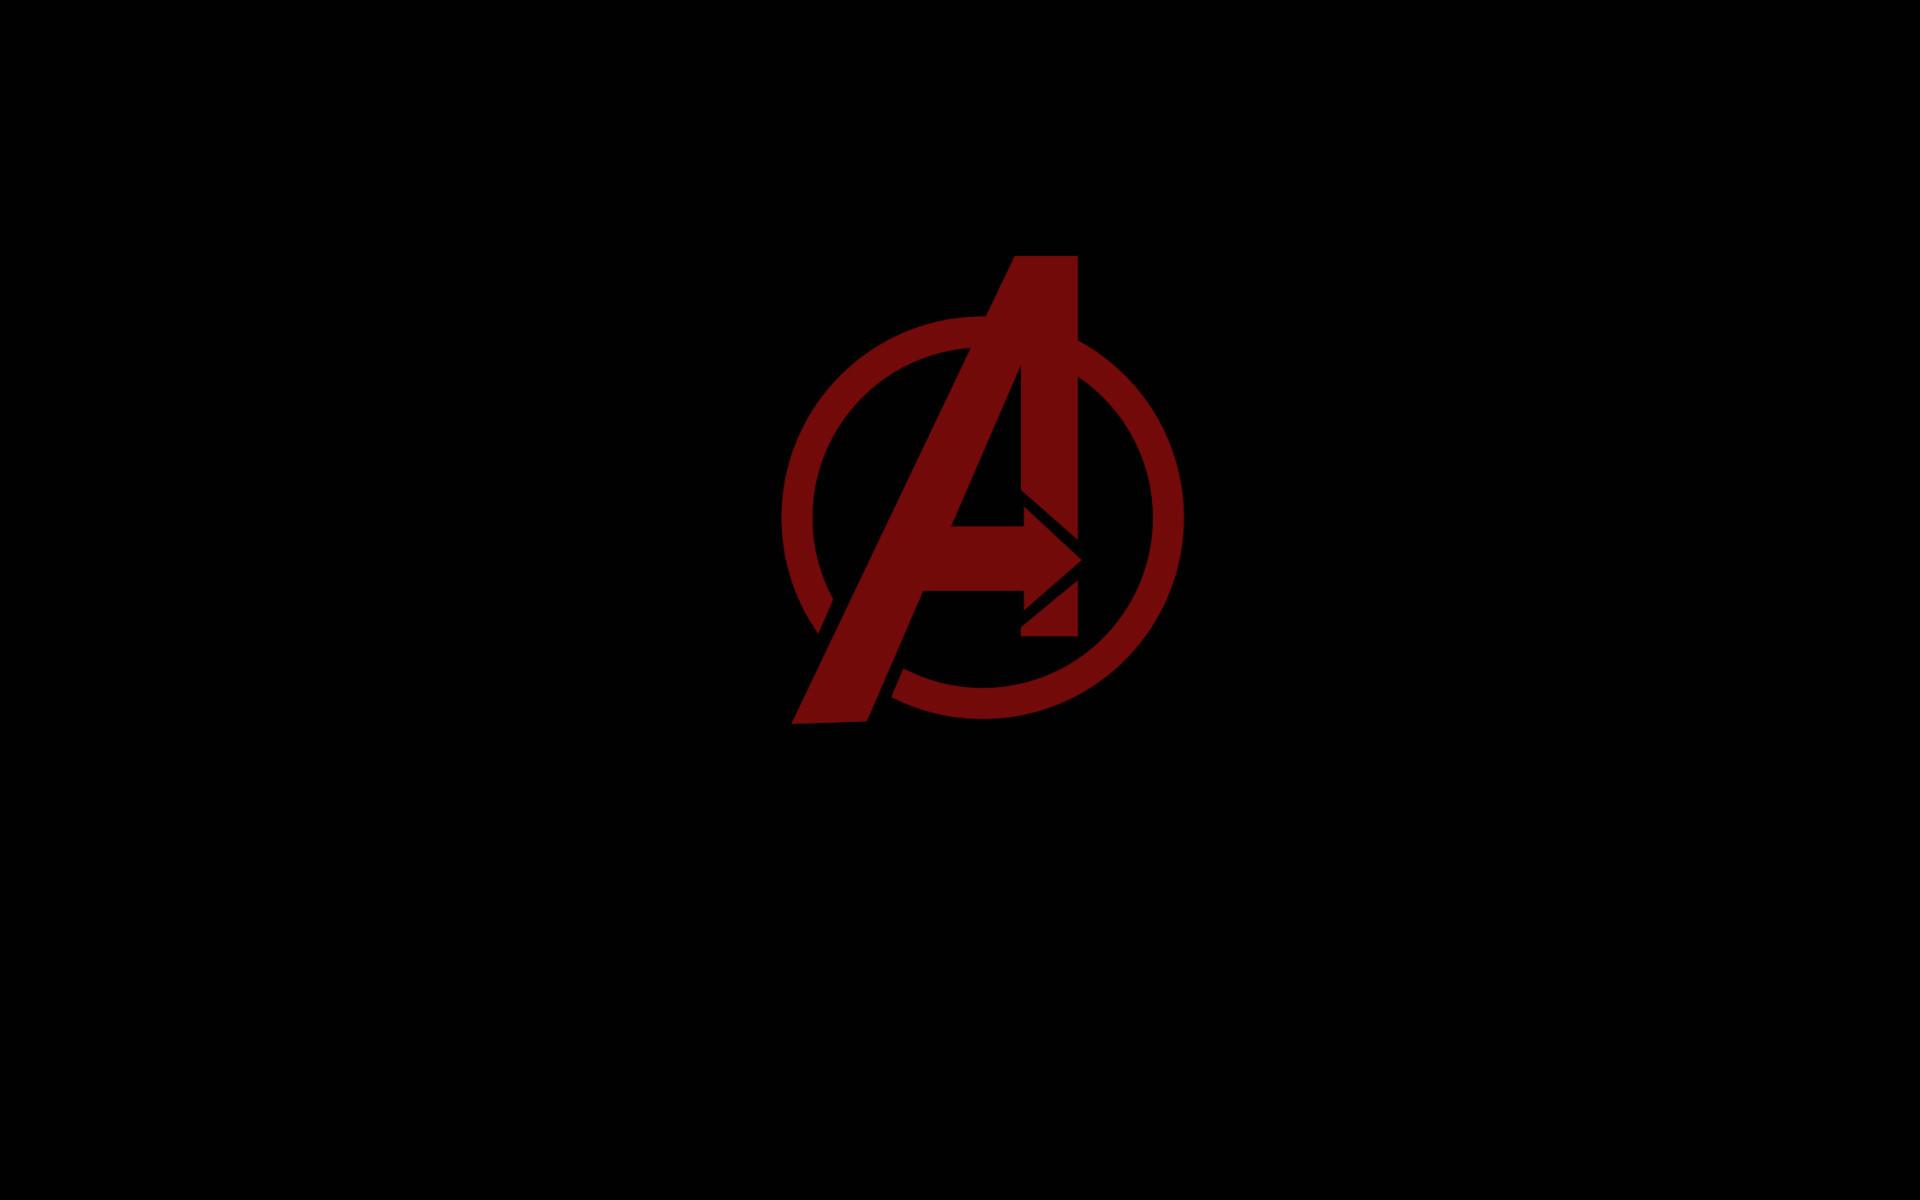 Avengers Logo Wallpaper 77 Images